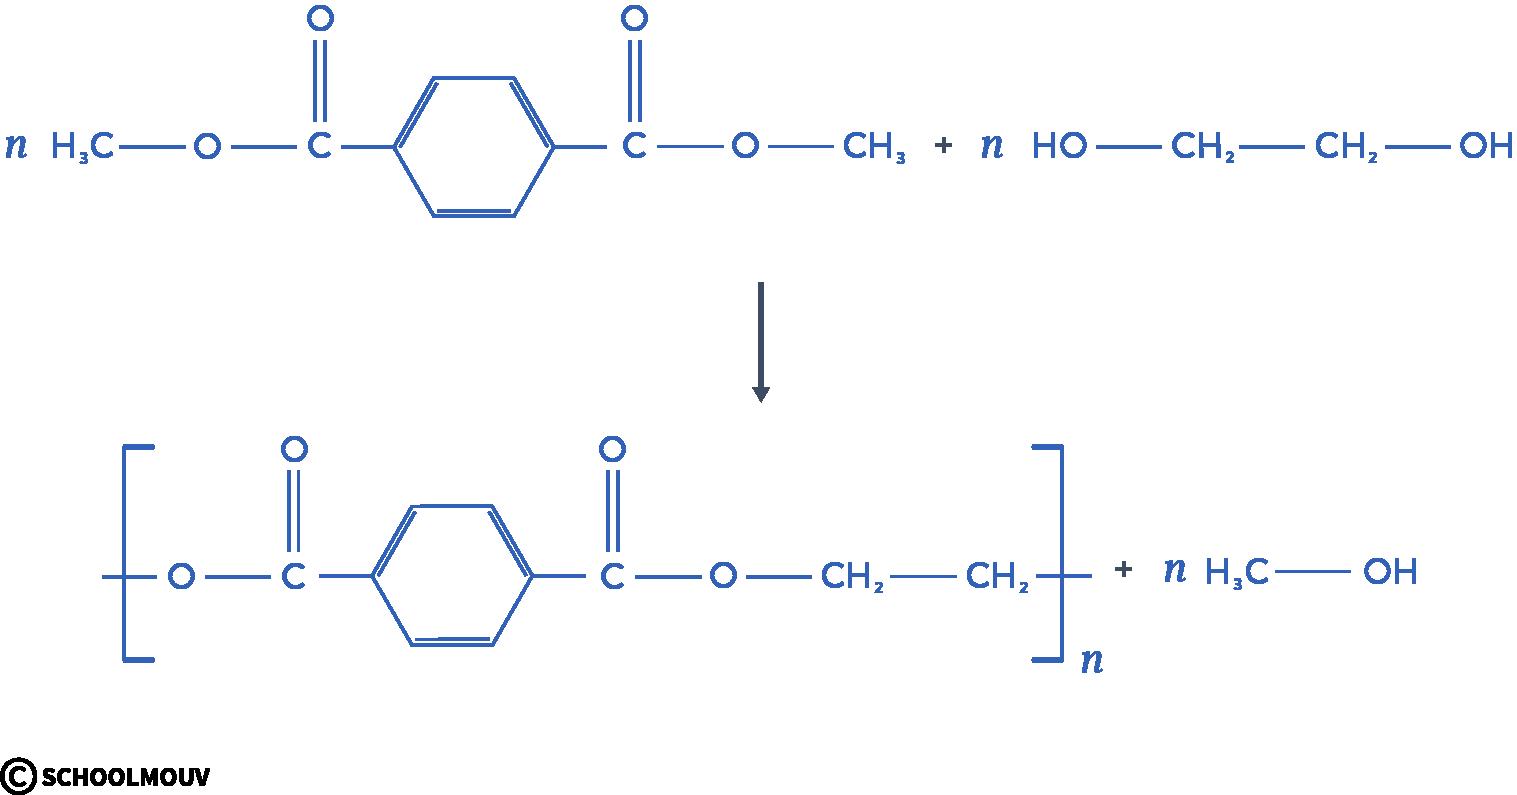 stratégie et sélectivité en chimie organique polymérisation d'un ester et d'un alcool en polyéthylène téréphtalate terminale physique chimie schoolmouv